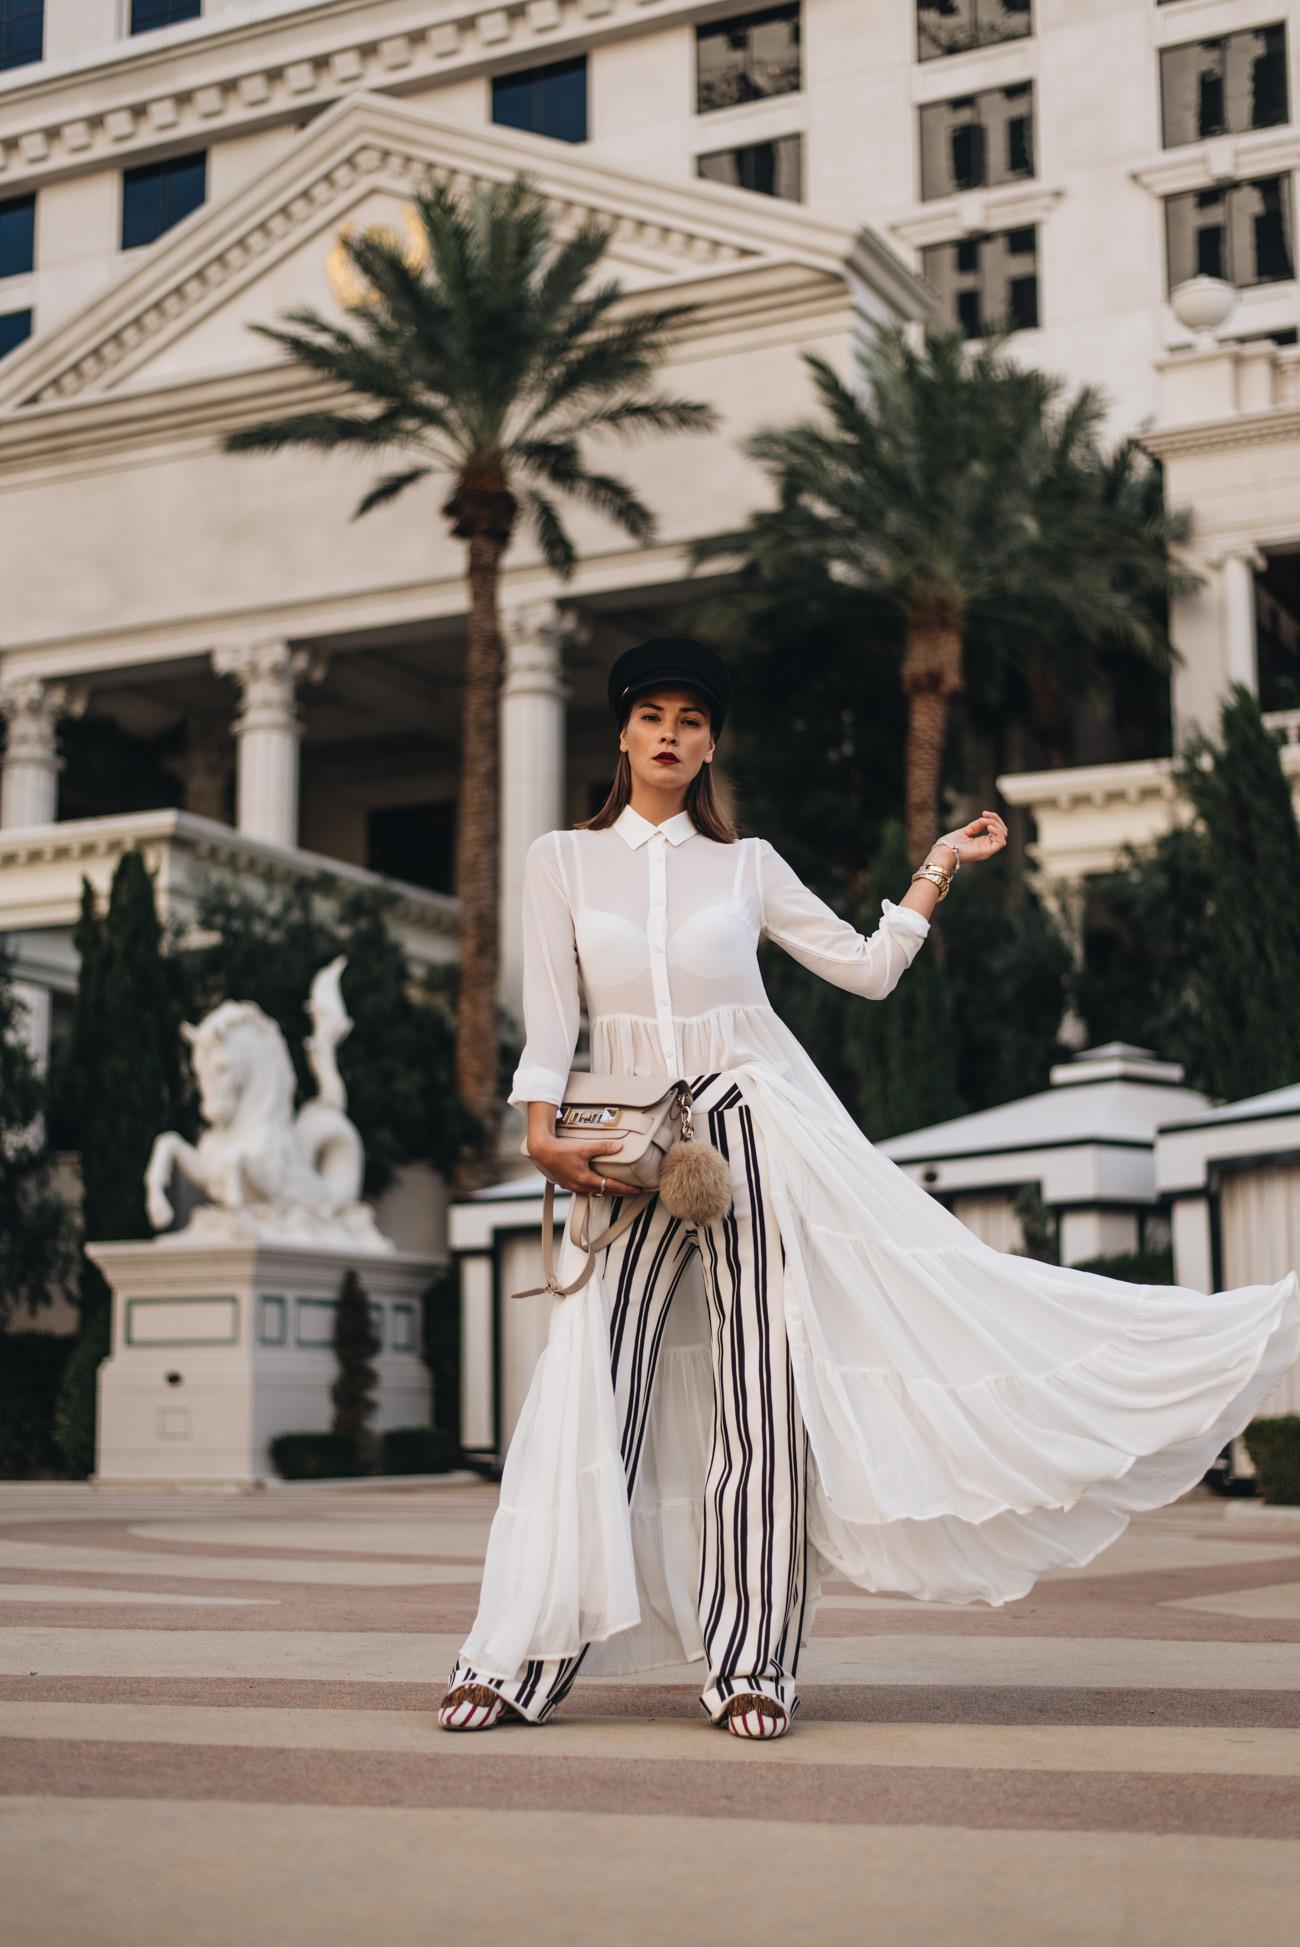 schwarz-weiß-look-mode-bloggerin-nina-schwichtenberg-fashiioncarpet